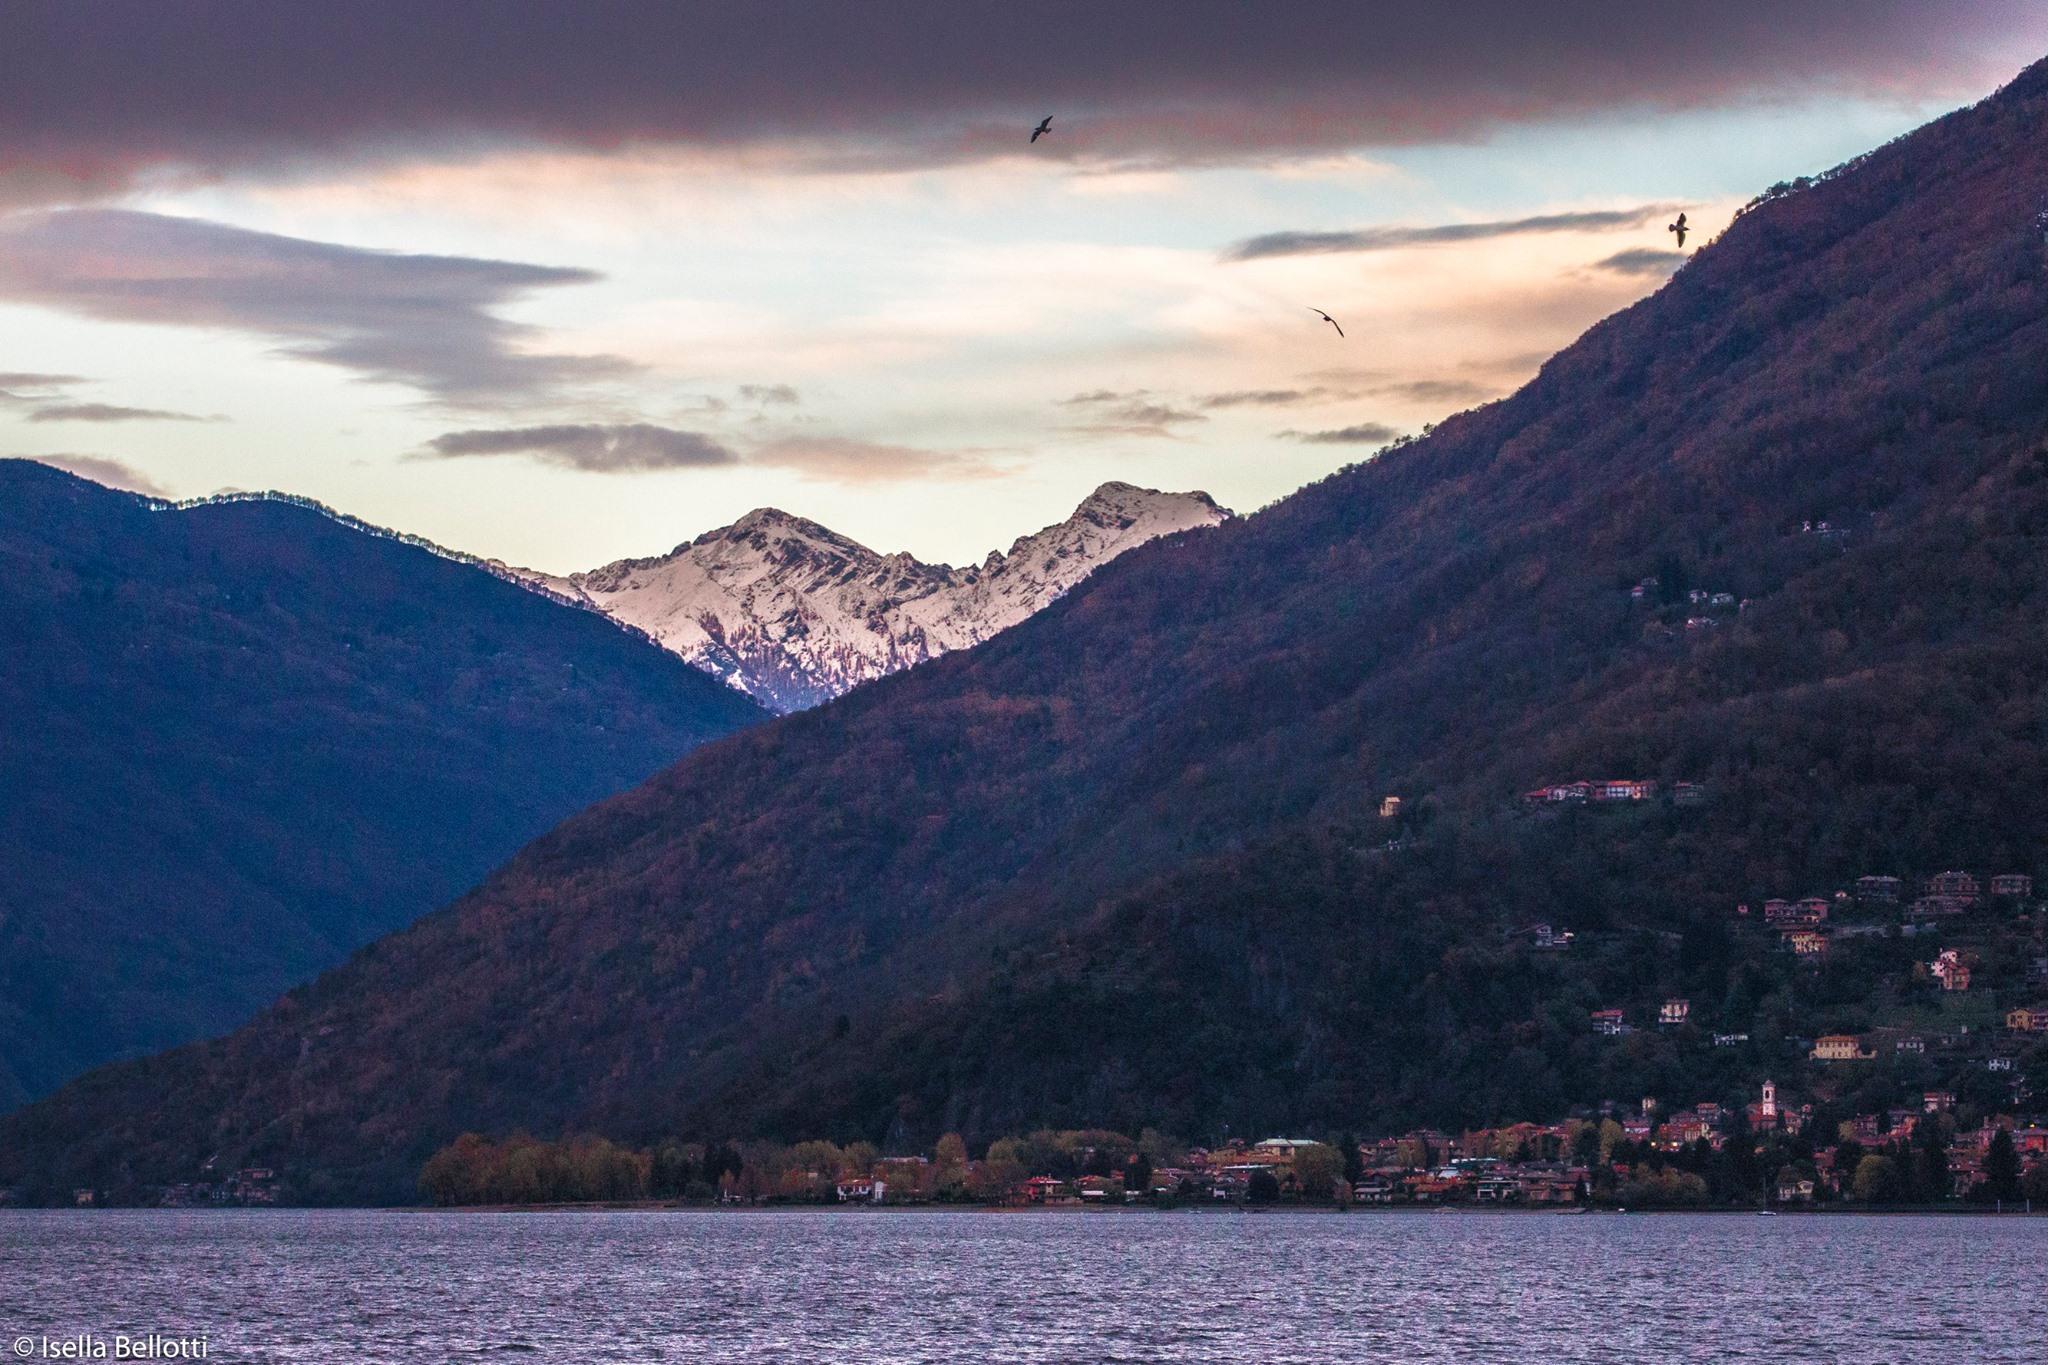 La prima neve anche sulle montagne al di là del lago. La foto è di Isella Bellotti